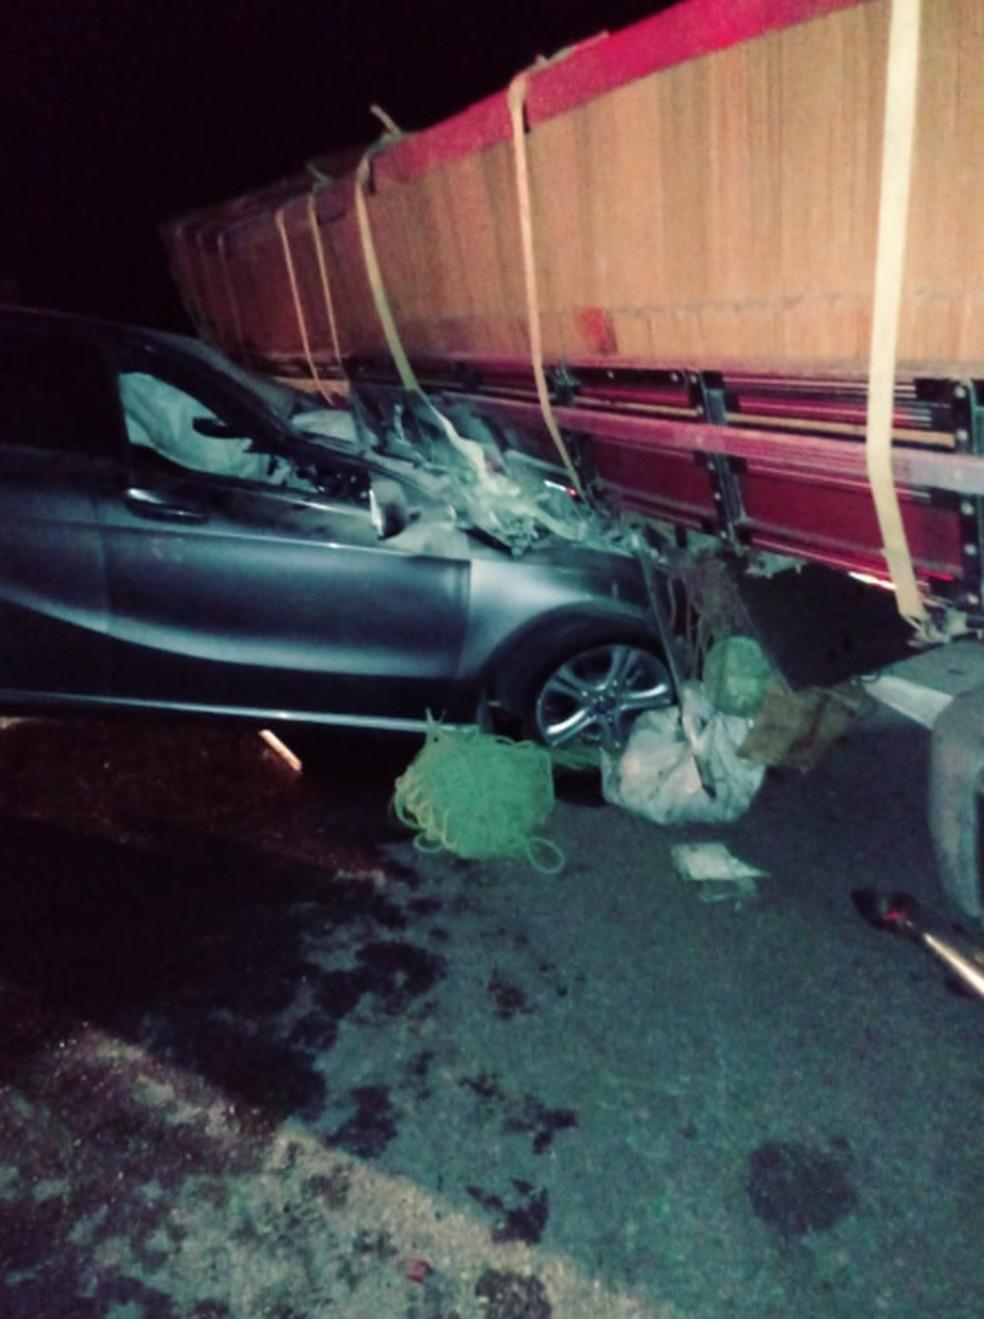 O condutor e a passageira não resistiram aos ferimentos e morreram no local. — Foto: Reprodução/TV Verdes Mares